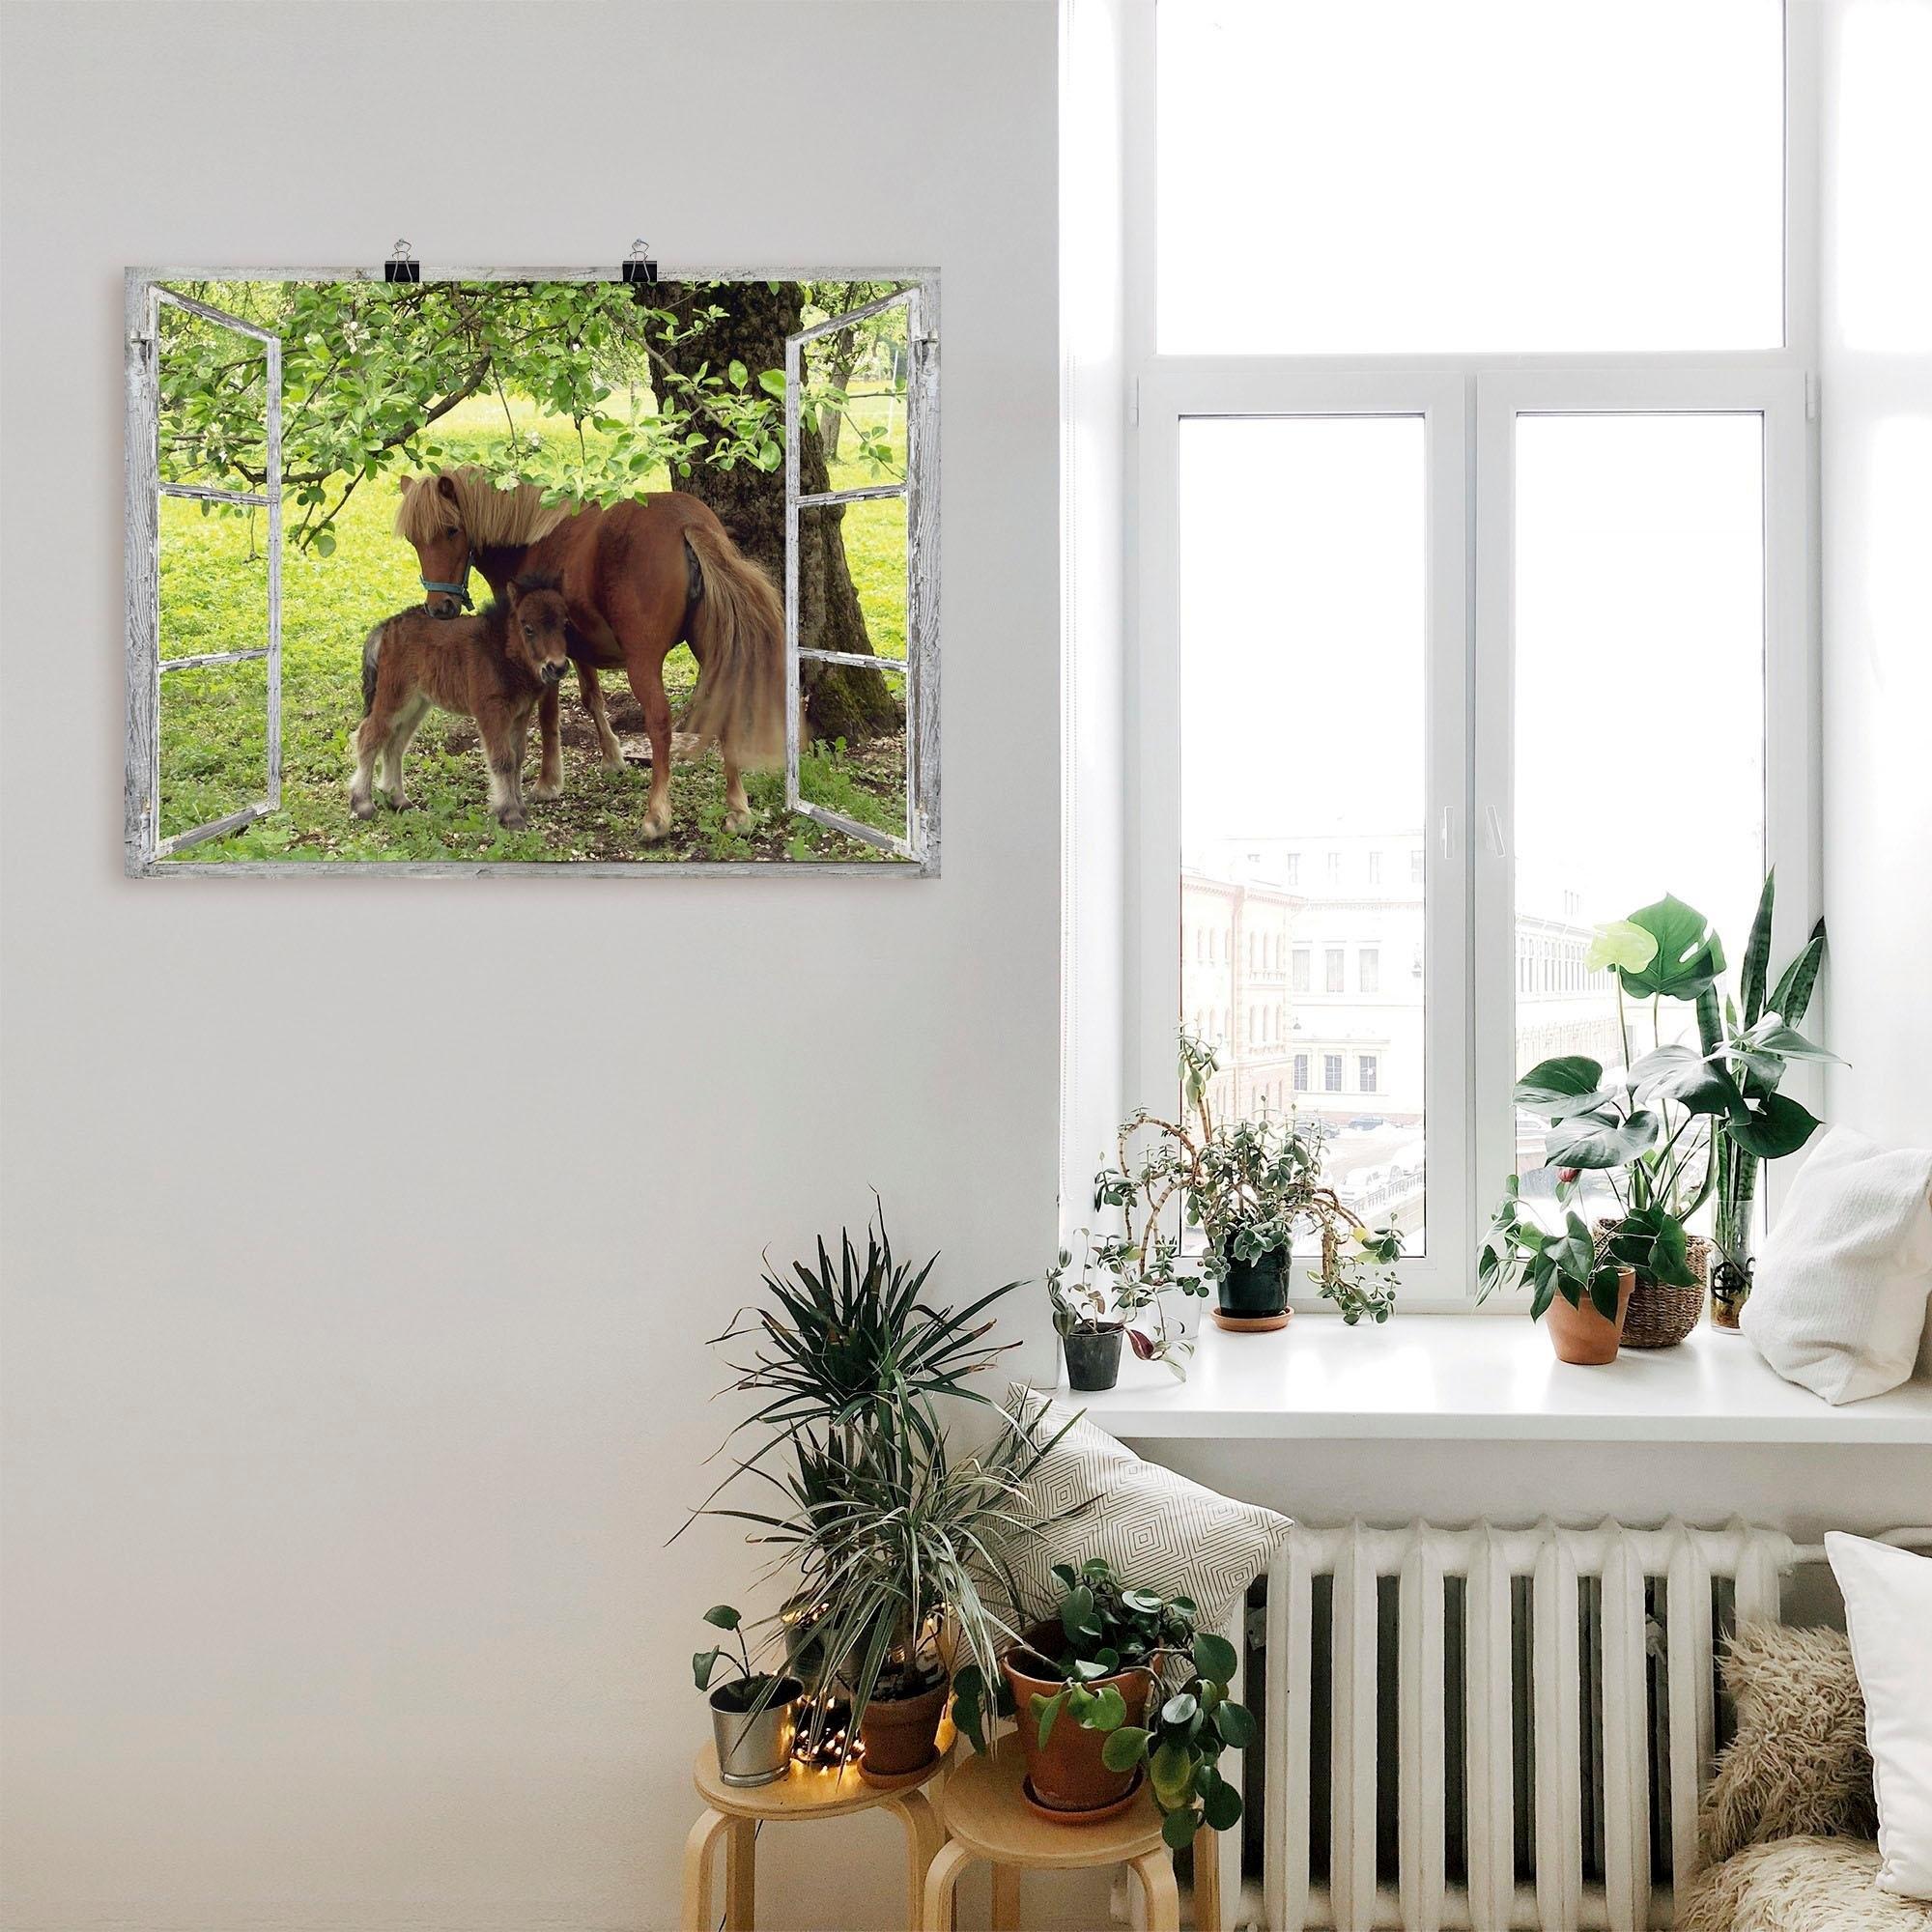 Artland artprint »Fensterblick - Pony mit Kind« - verschillende betaalmethodes